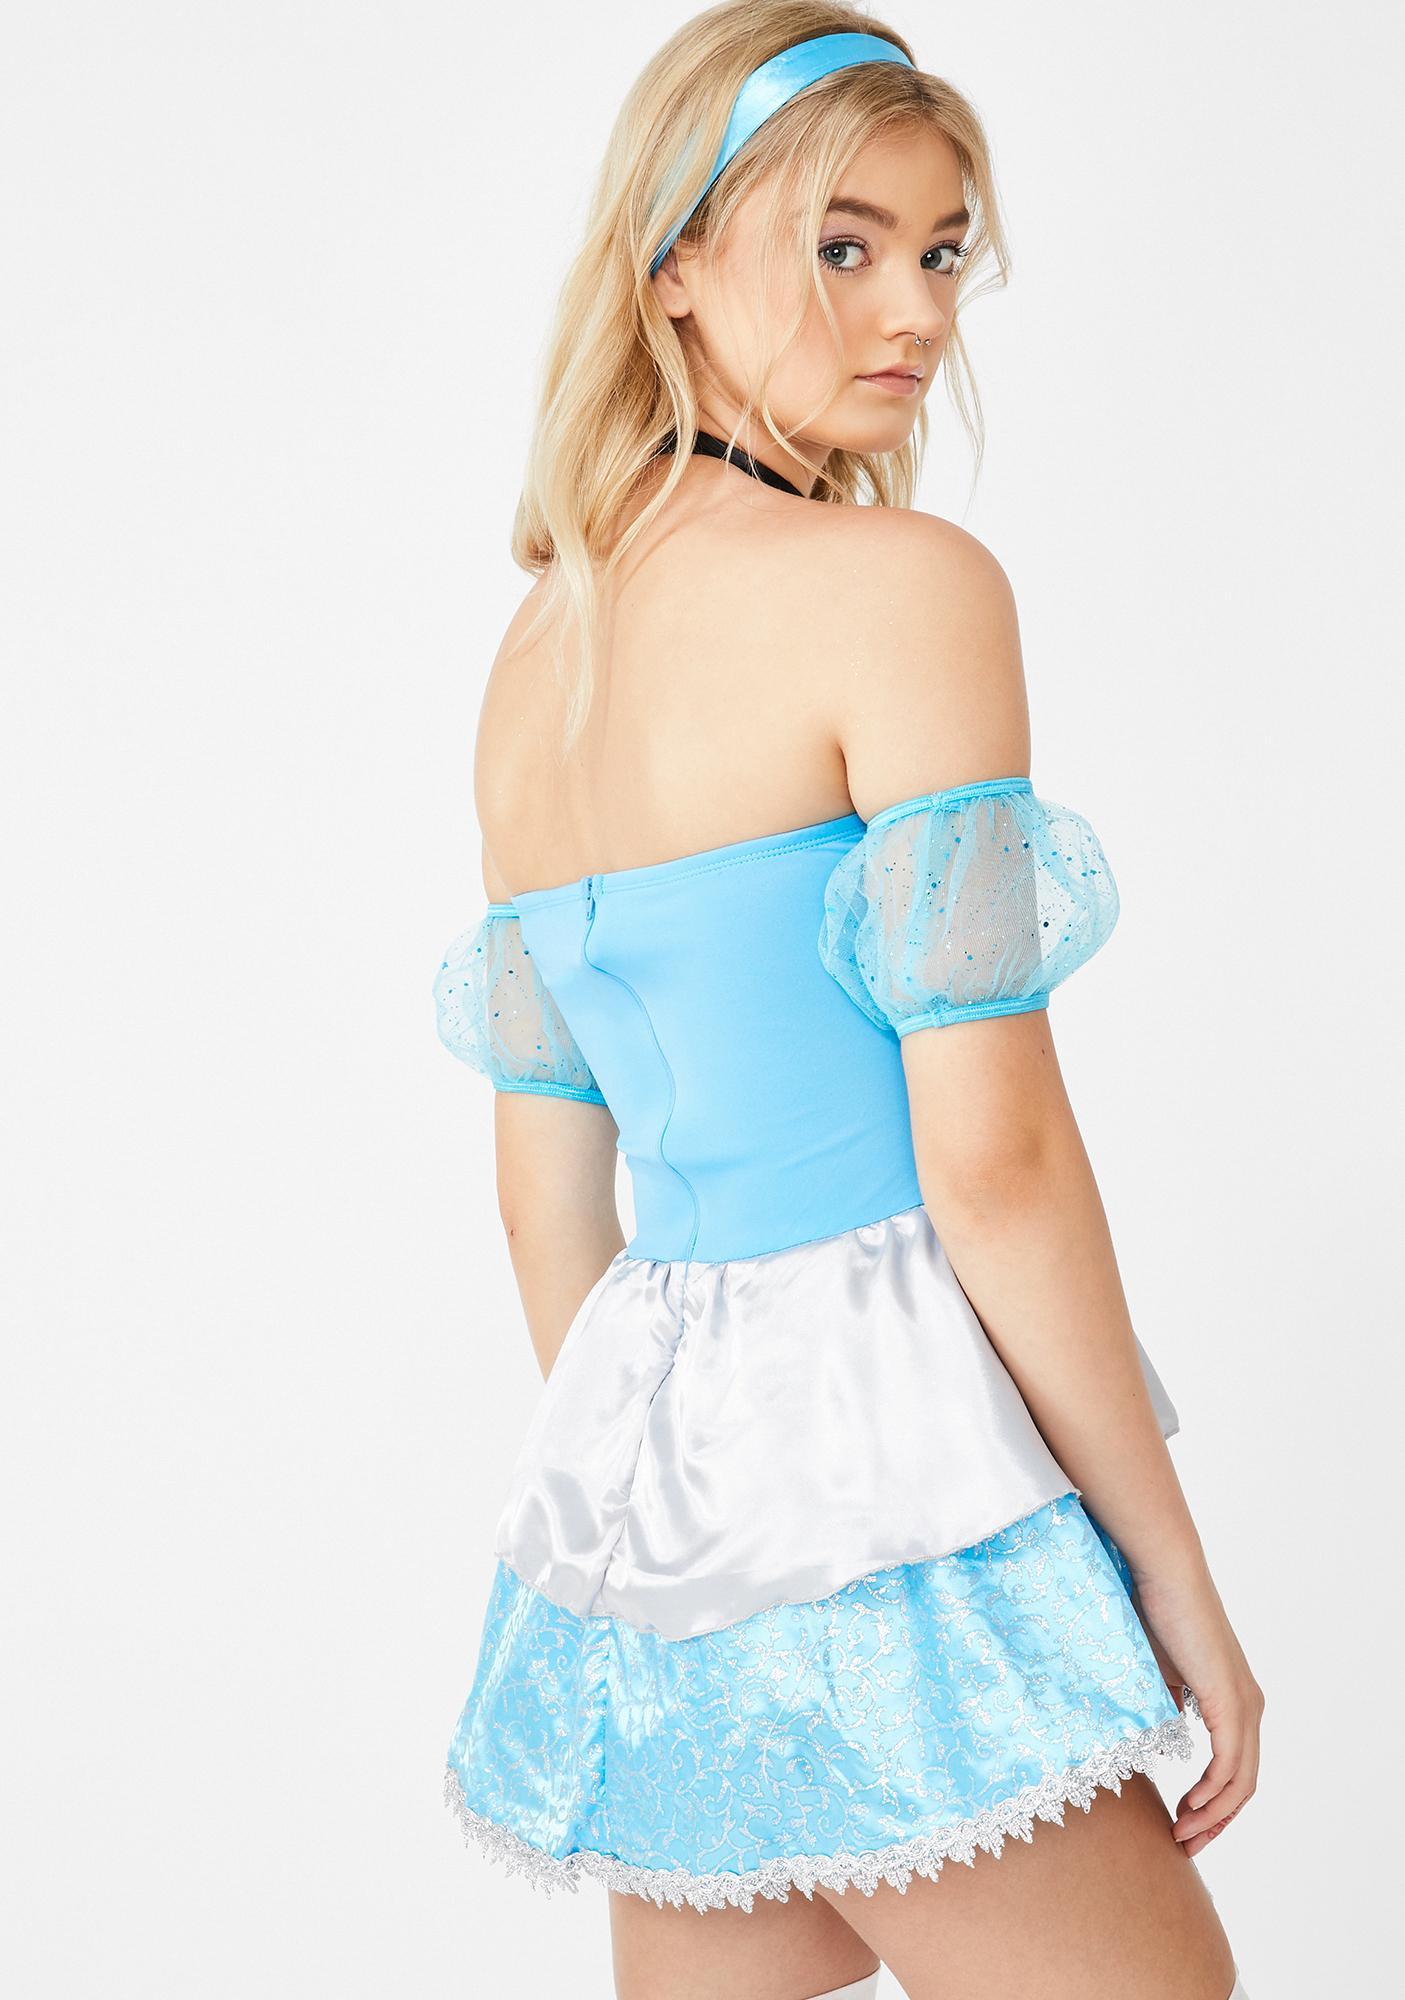 Glass Slipper Costume Set